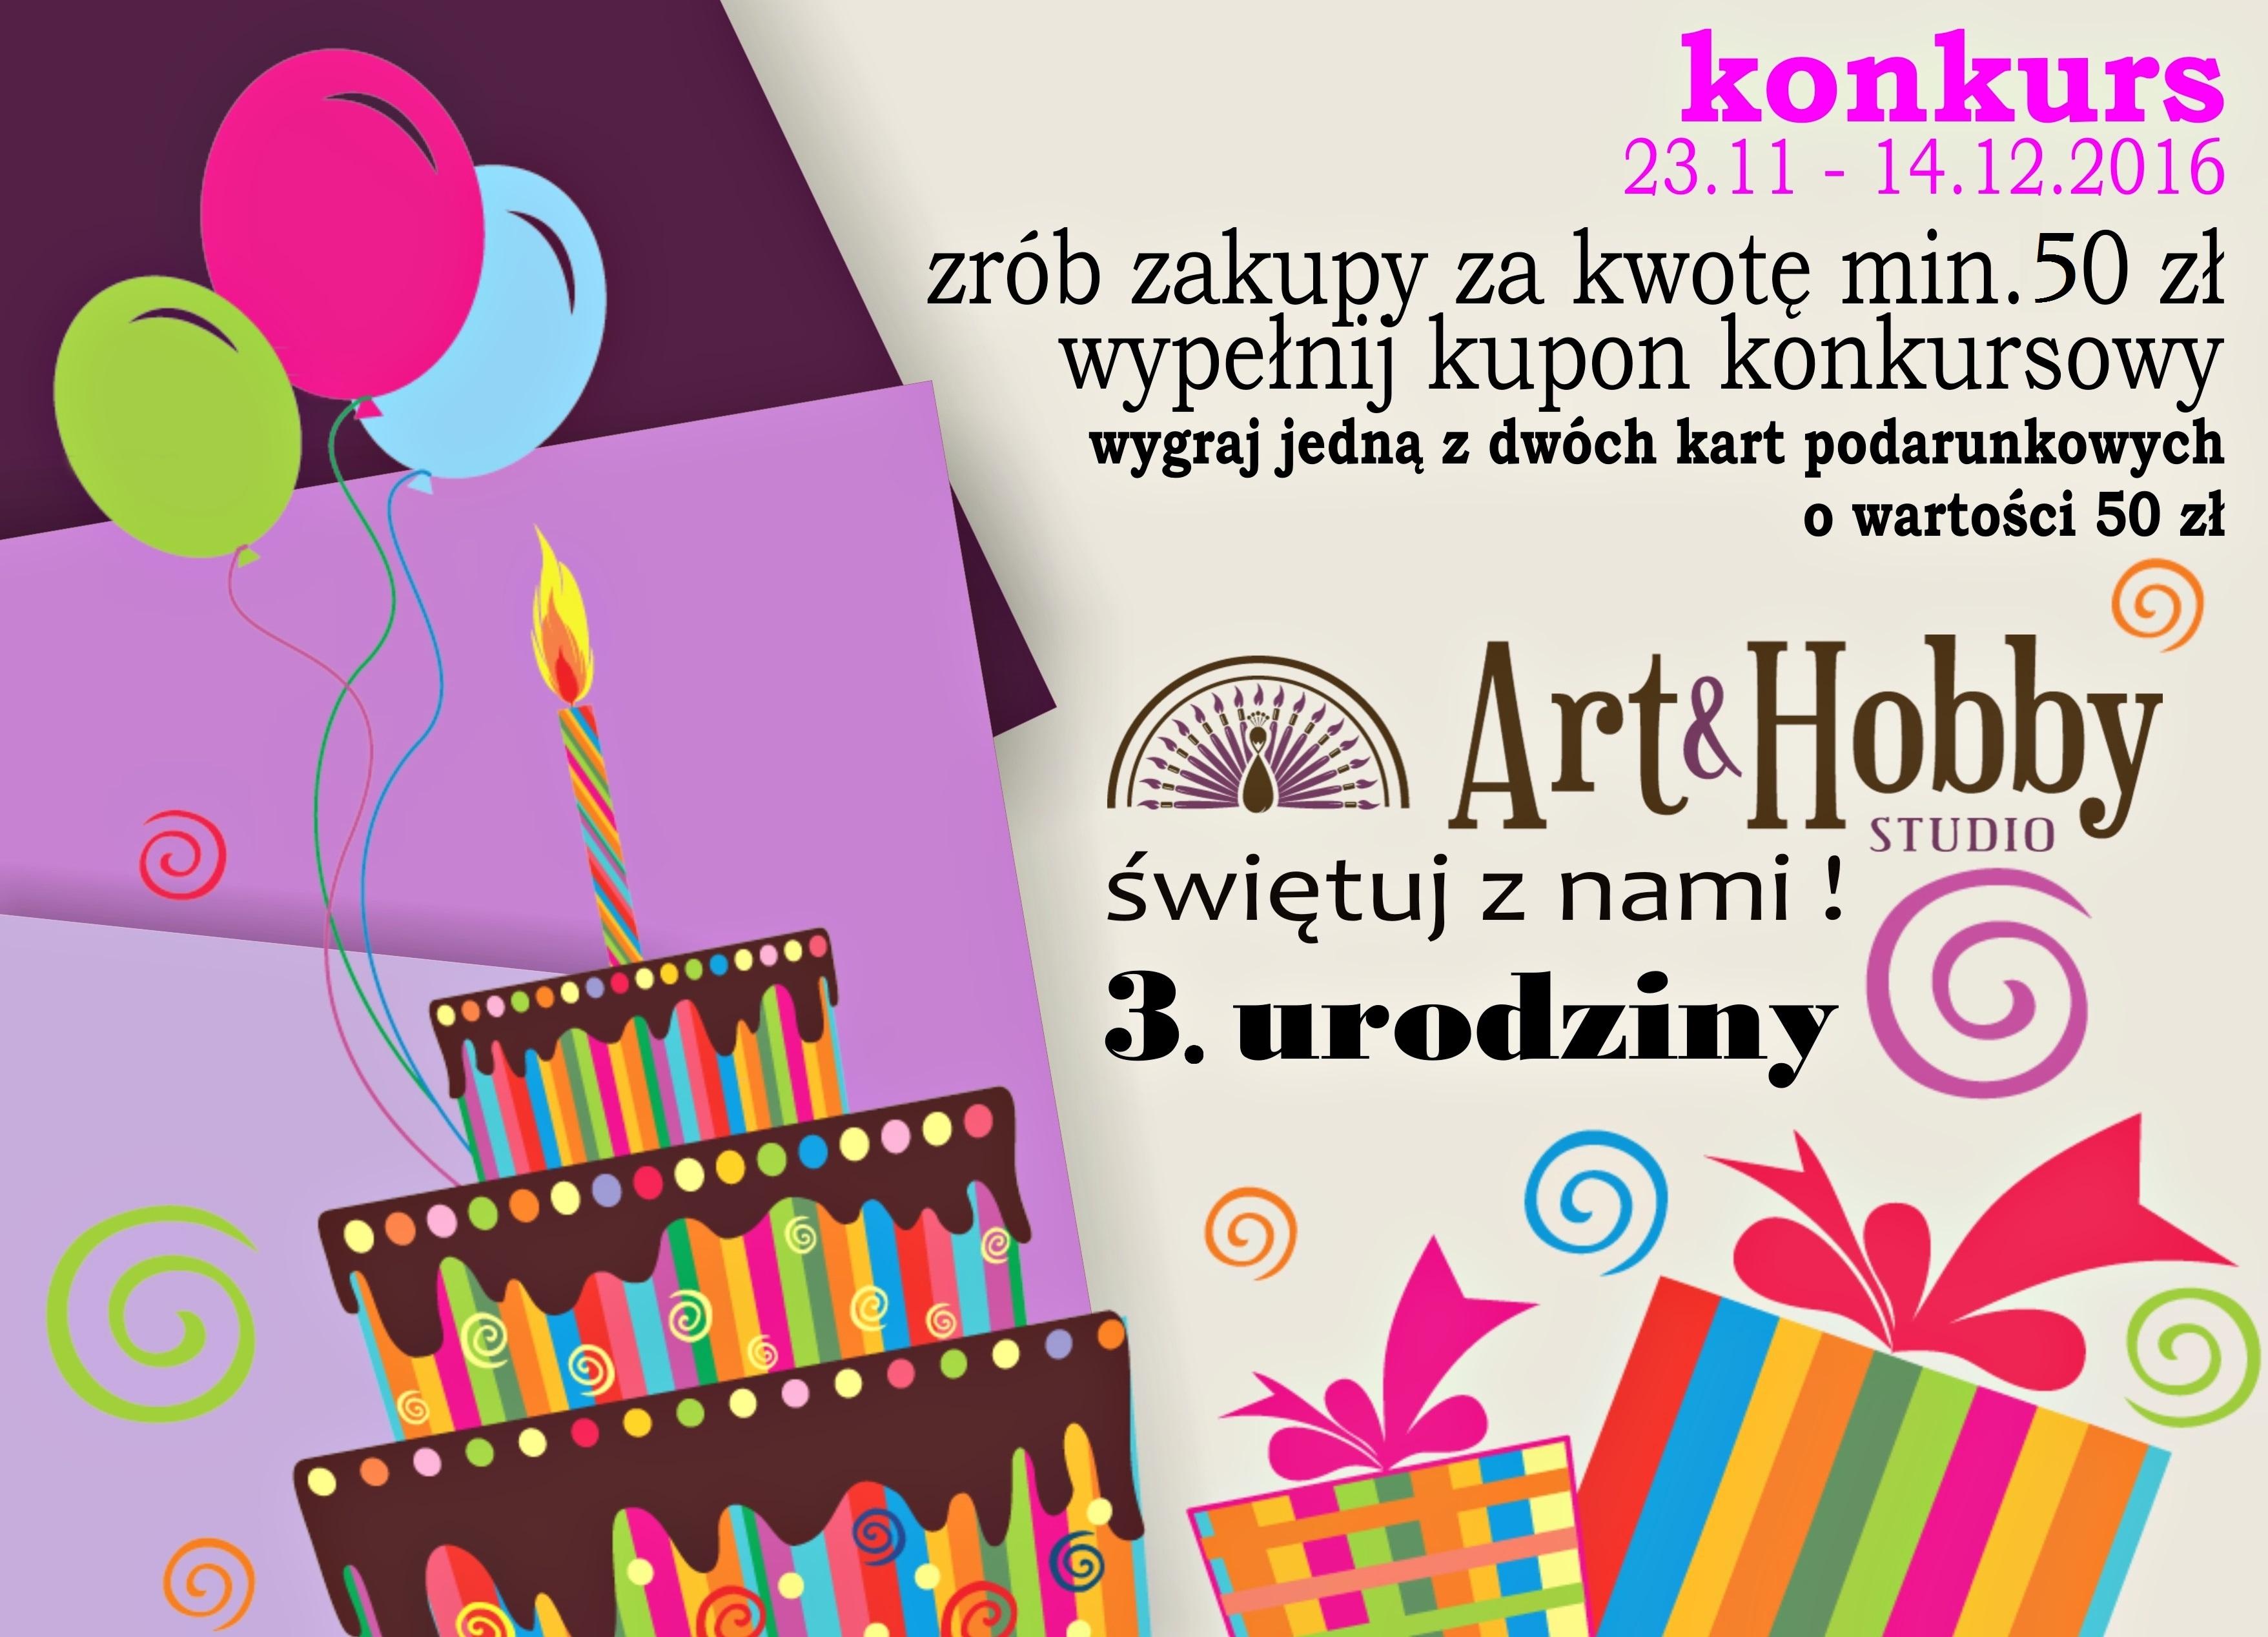 sklep arthobbystudio konkurs urodziny